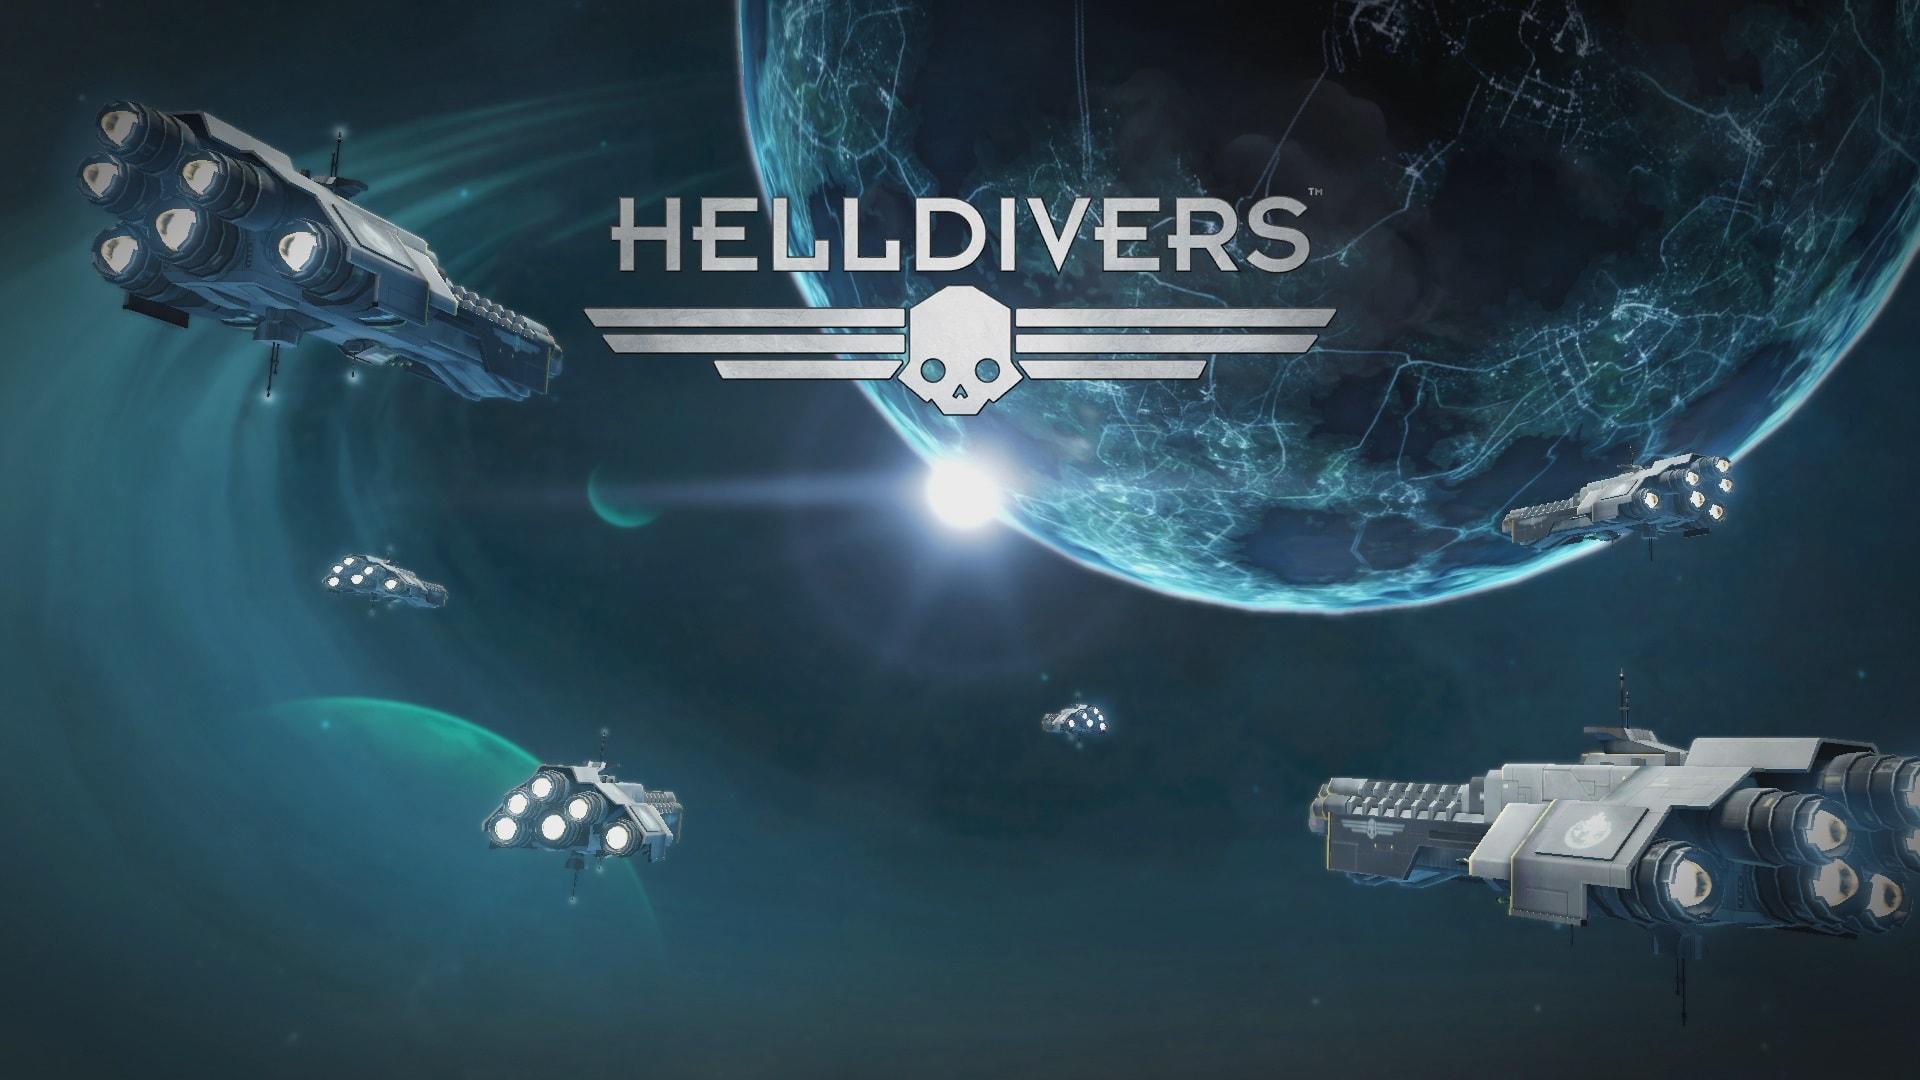 Helldivers Desktop wallpaper